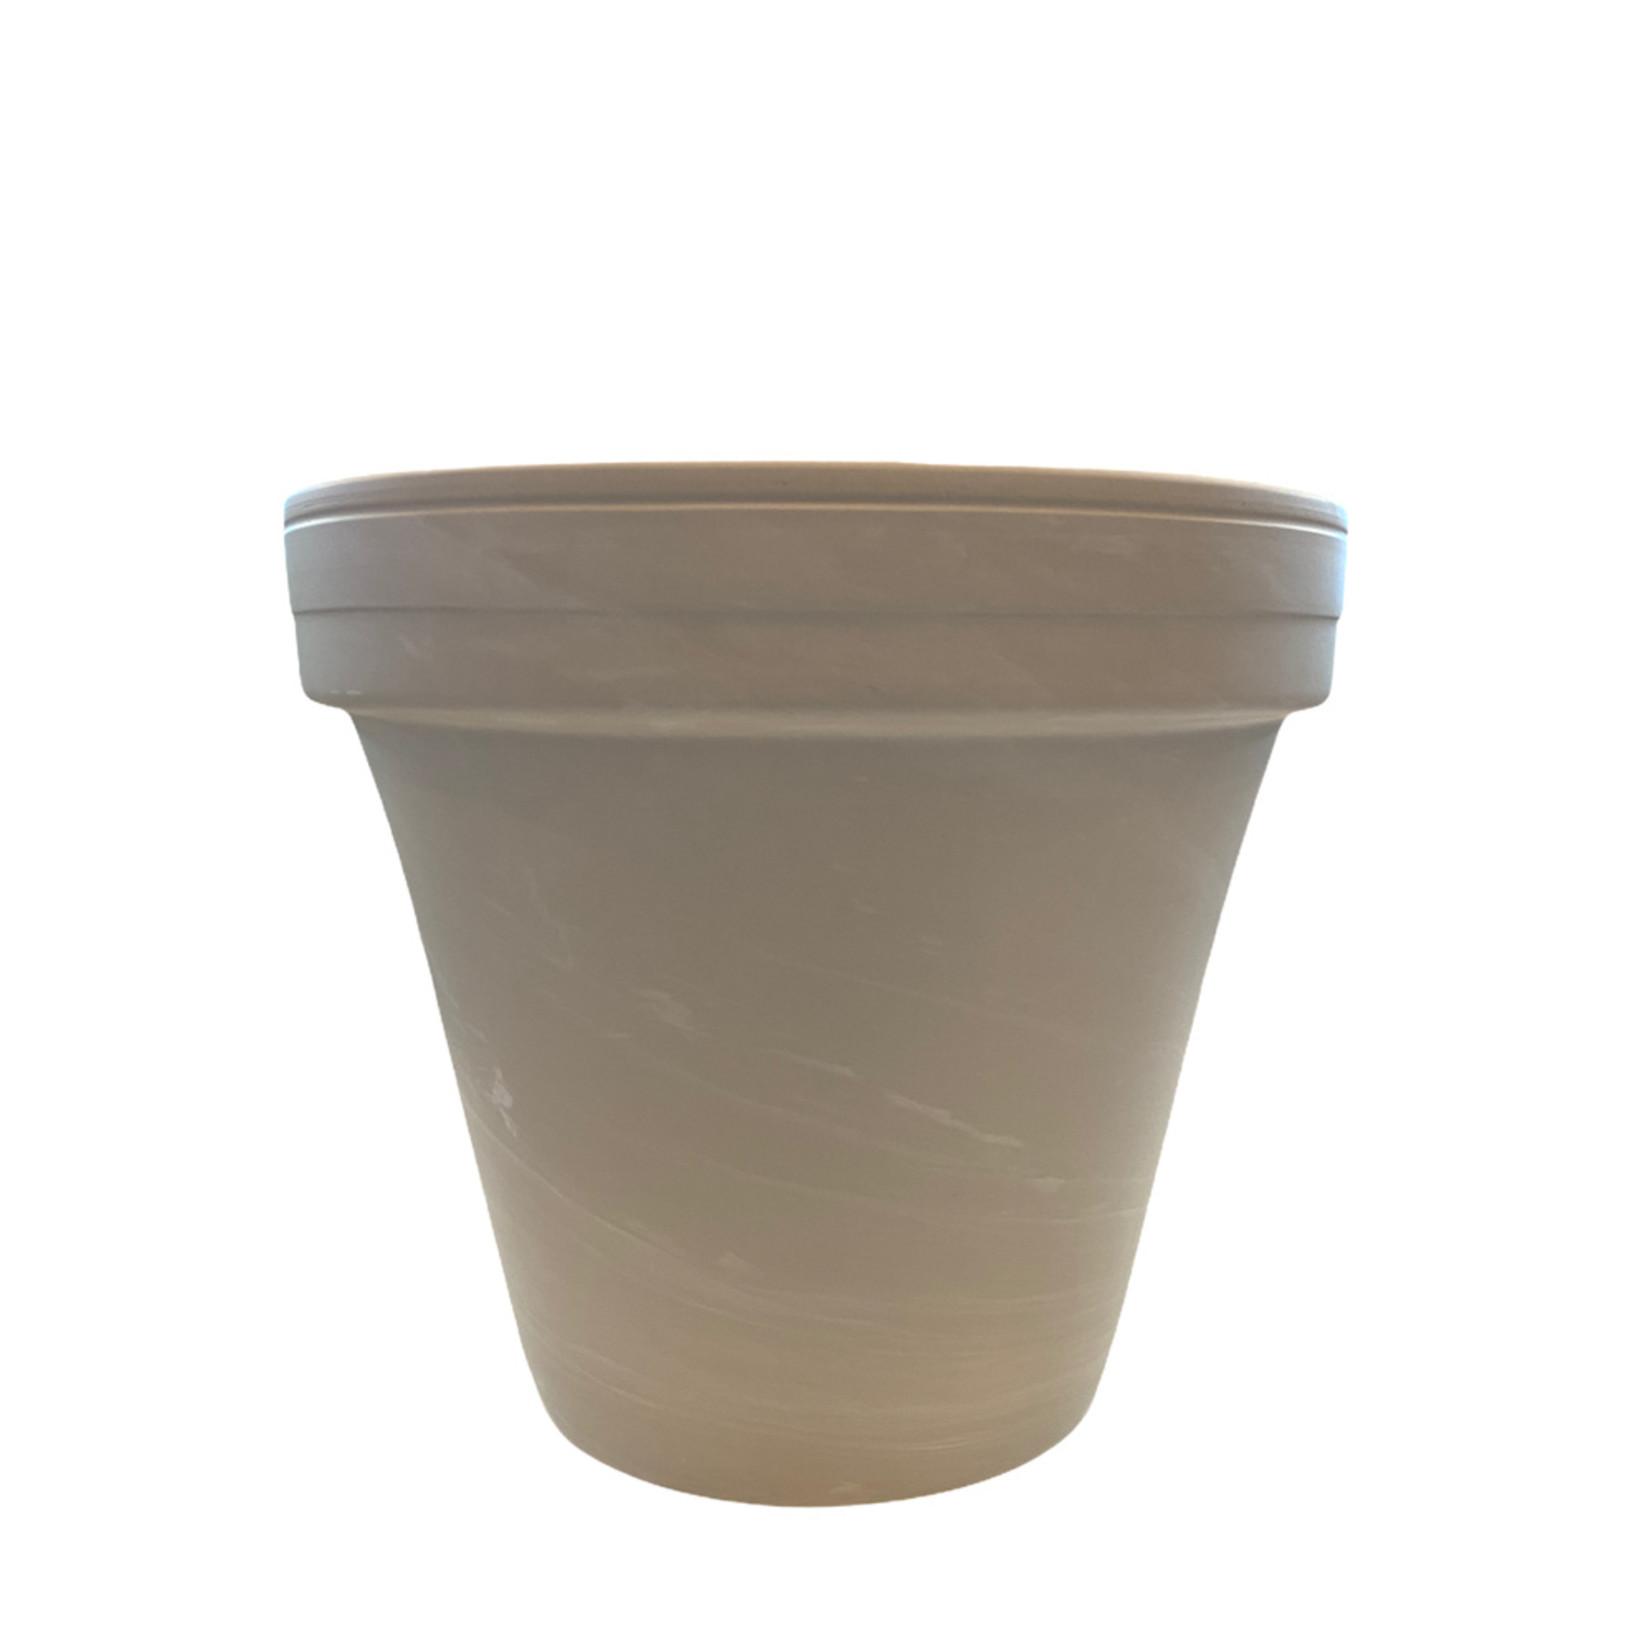 Spang Standard Pot Allemagne Granit 20cm